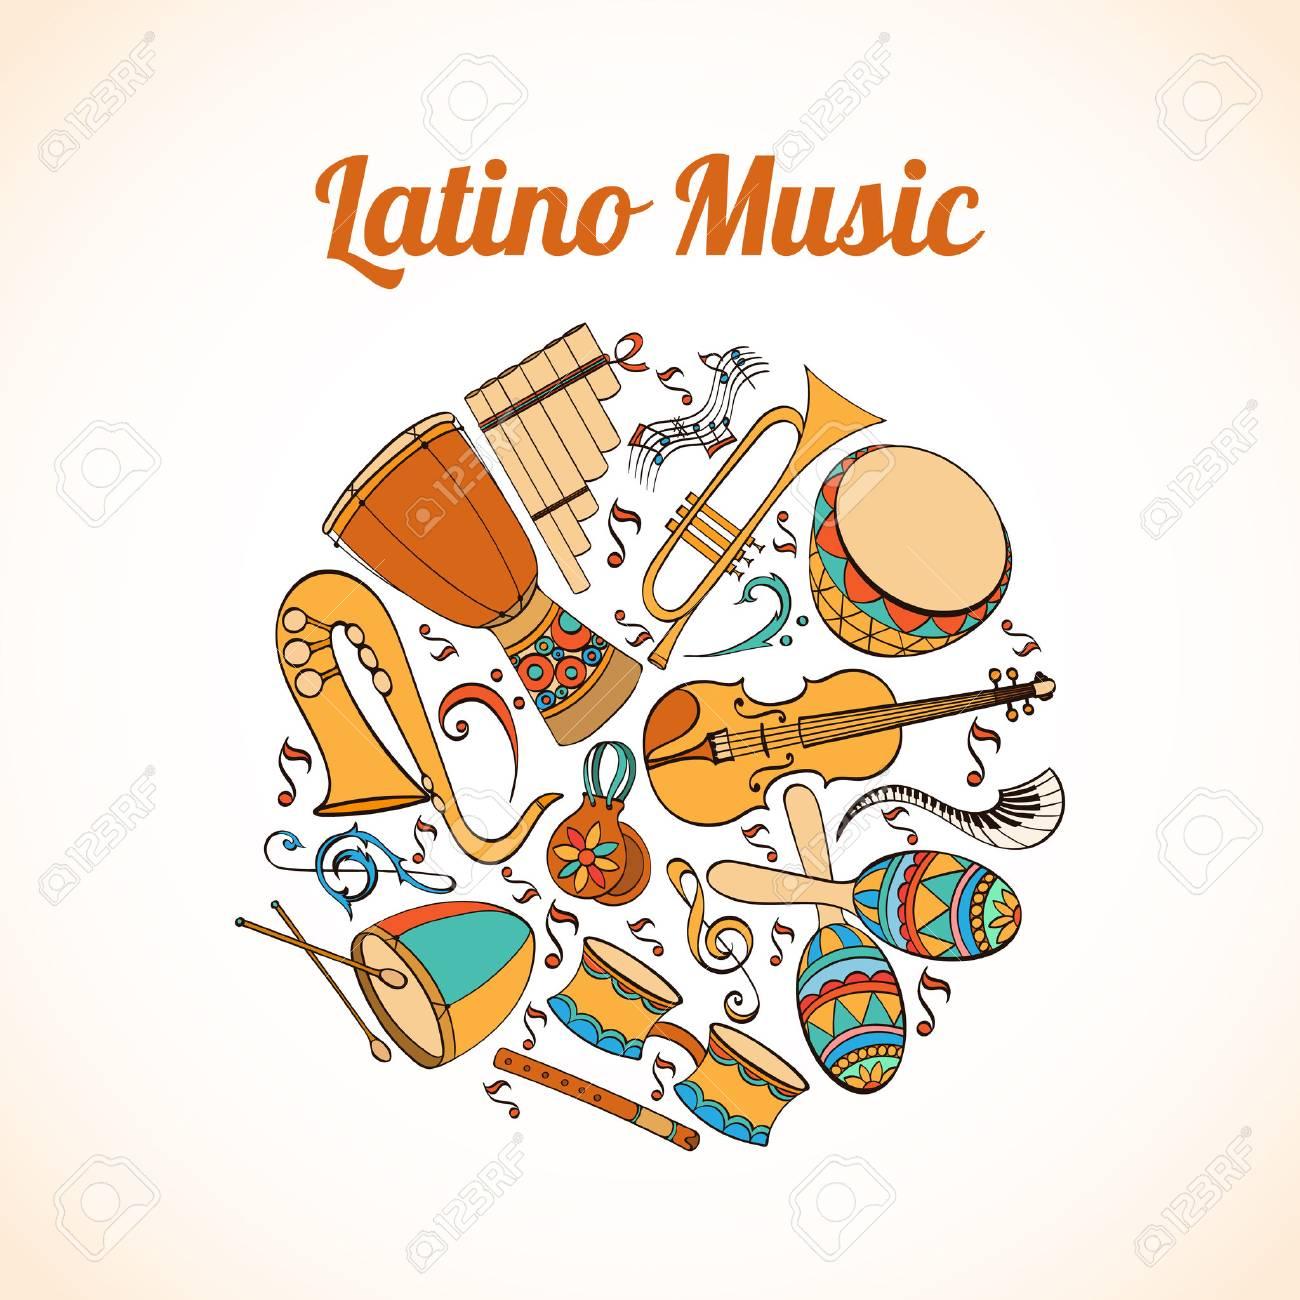 Salsa Carte Musicale Invitation D Instruments De Musique Latino Fond Latino Peut Etre Utilise Comme Carte D Invitation Pour Mariage Anniversaire Et Autres Fetes Et Fond D Ete Vector Illustration Clip Art Libres De Droits